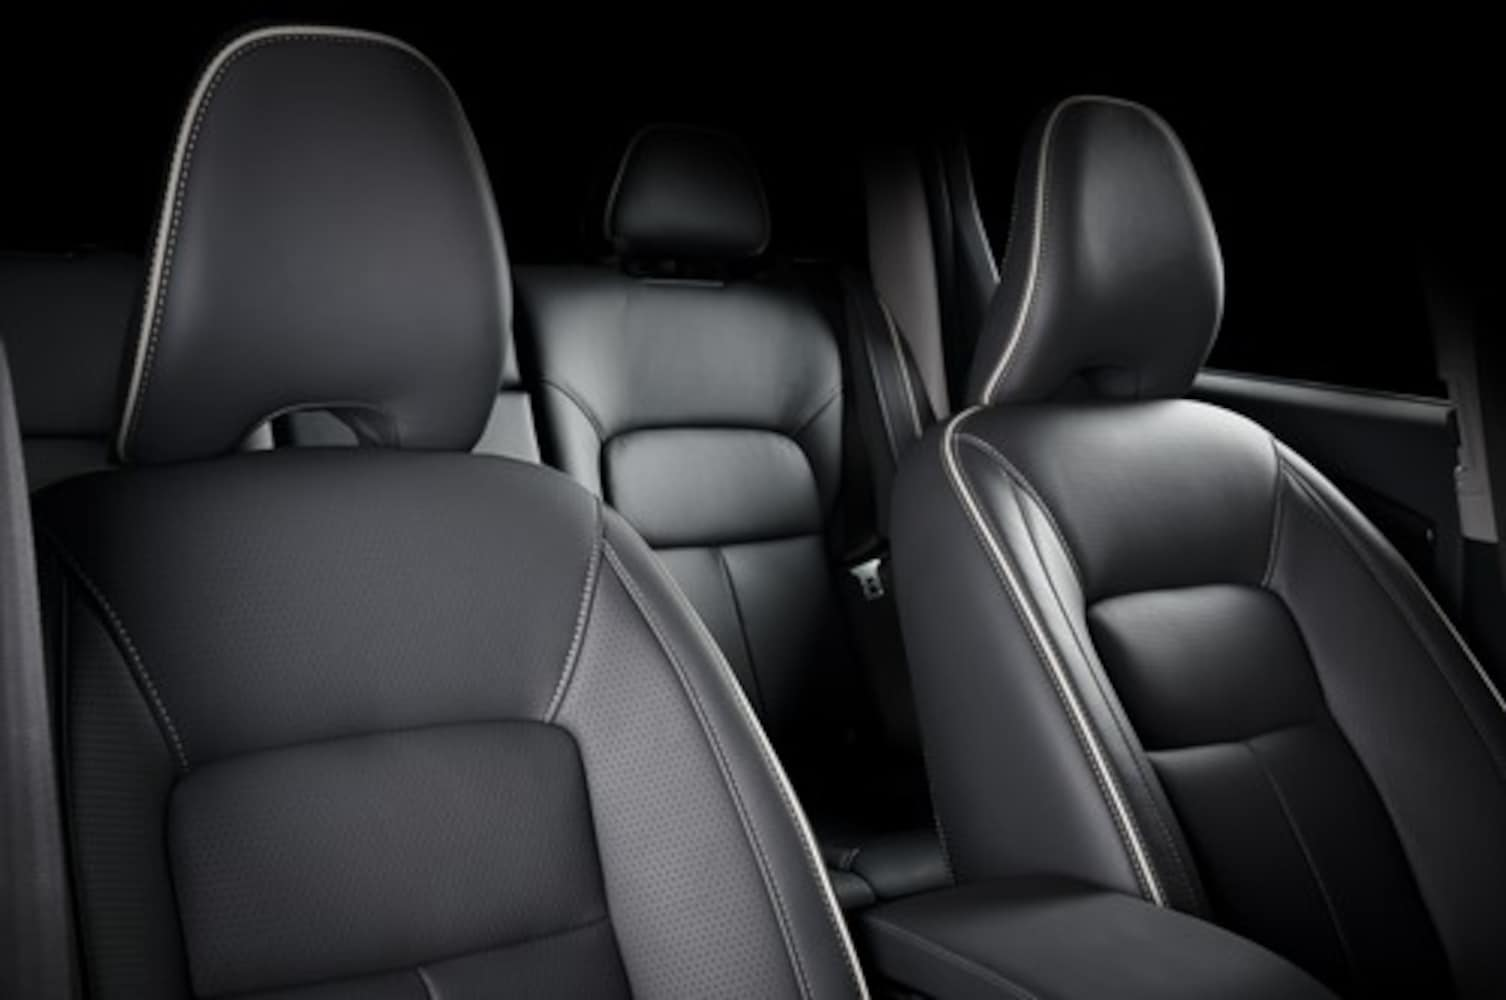 車のシートに汗や汚れが染みついてにおう